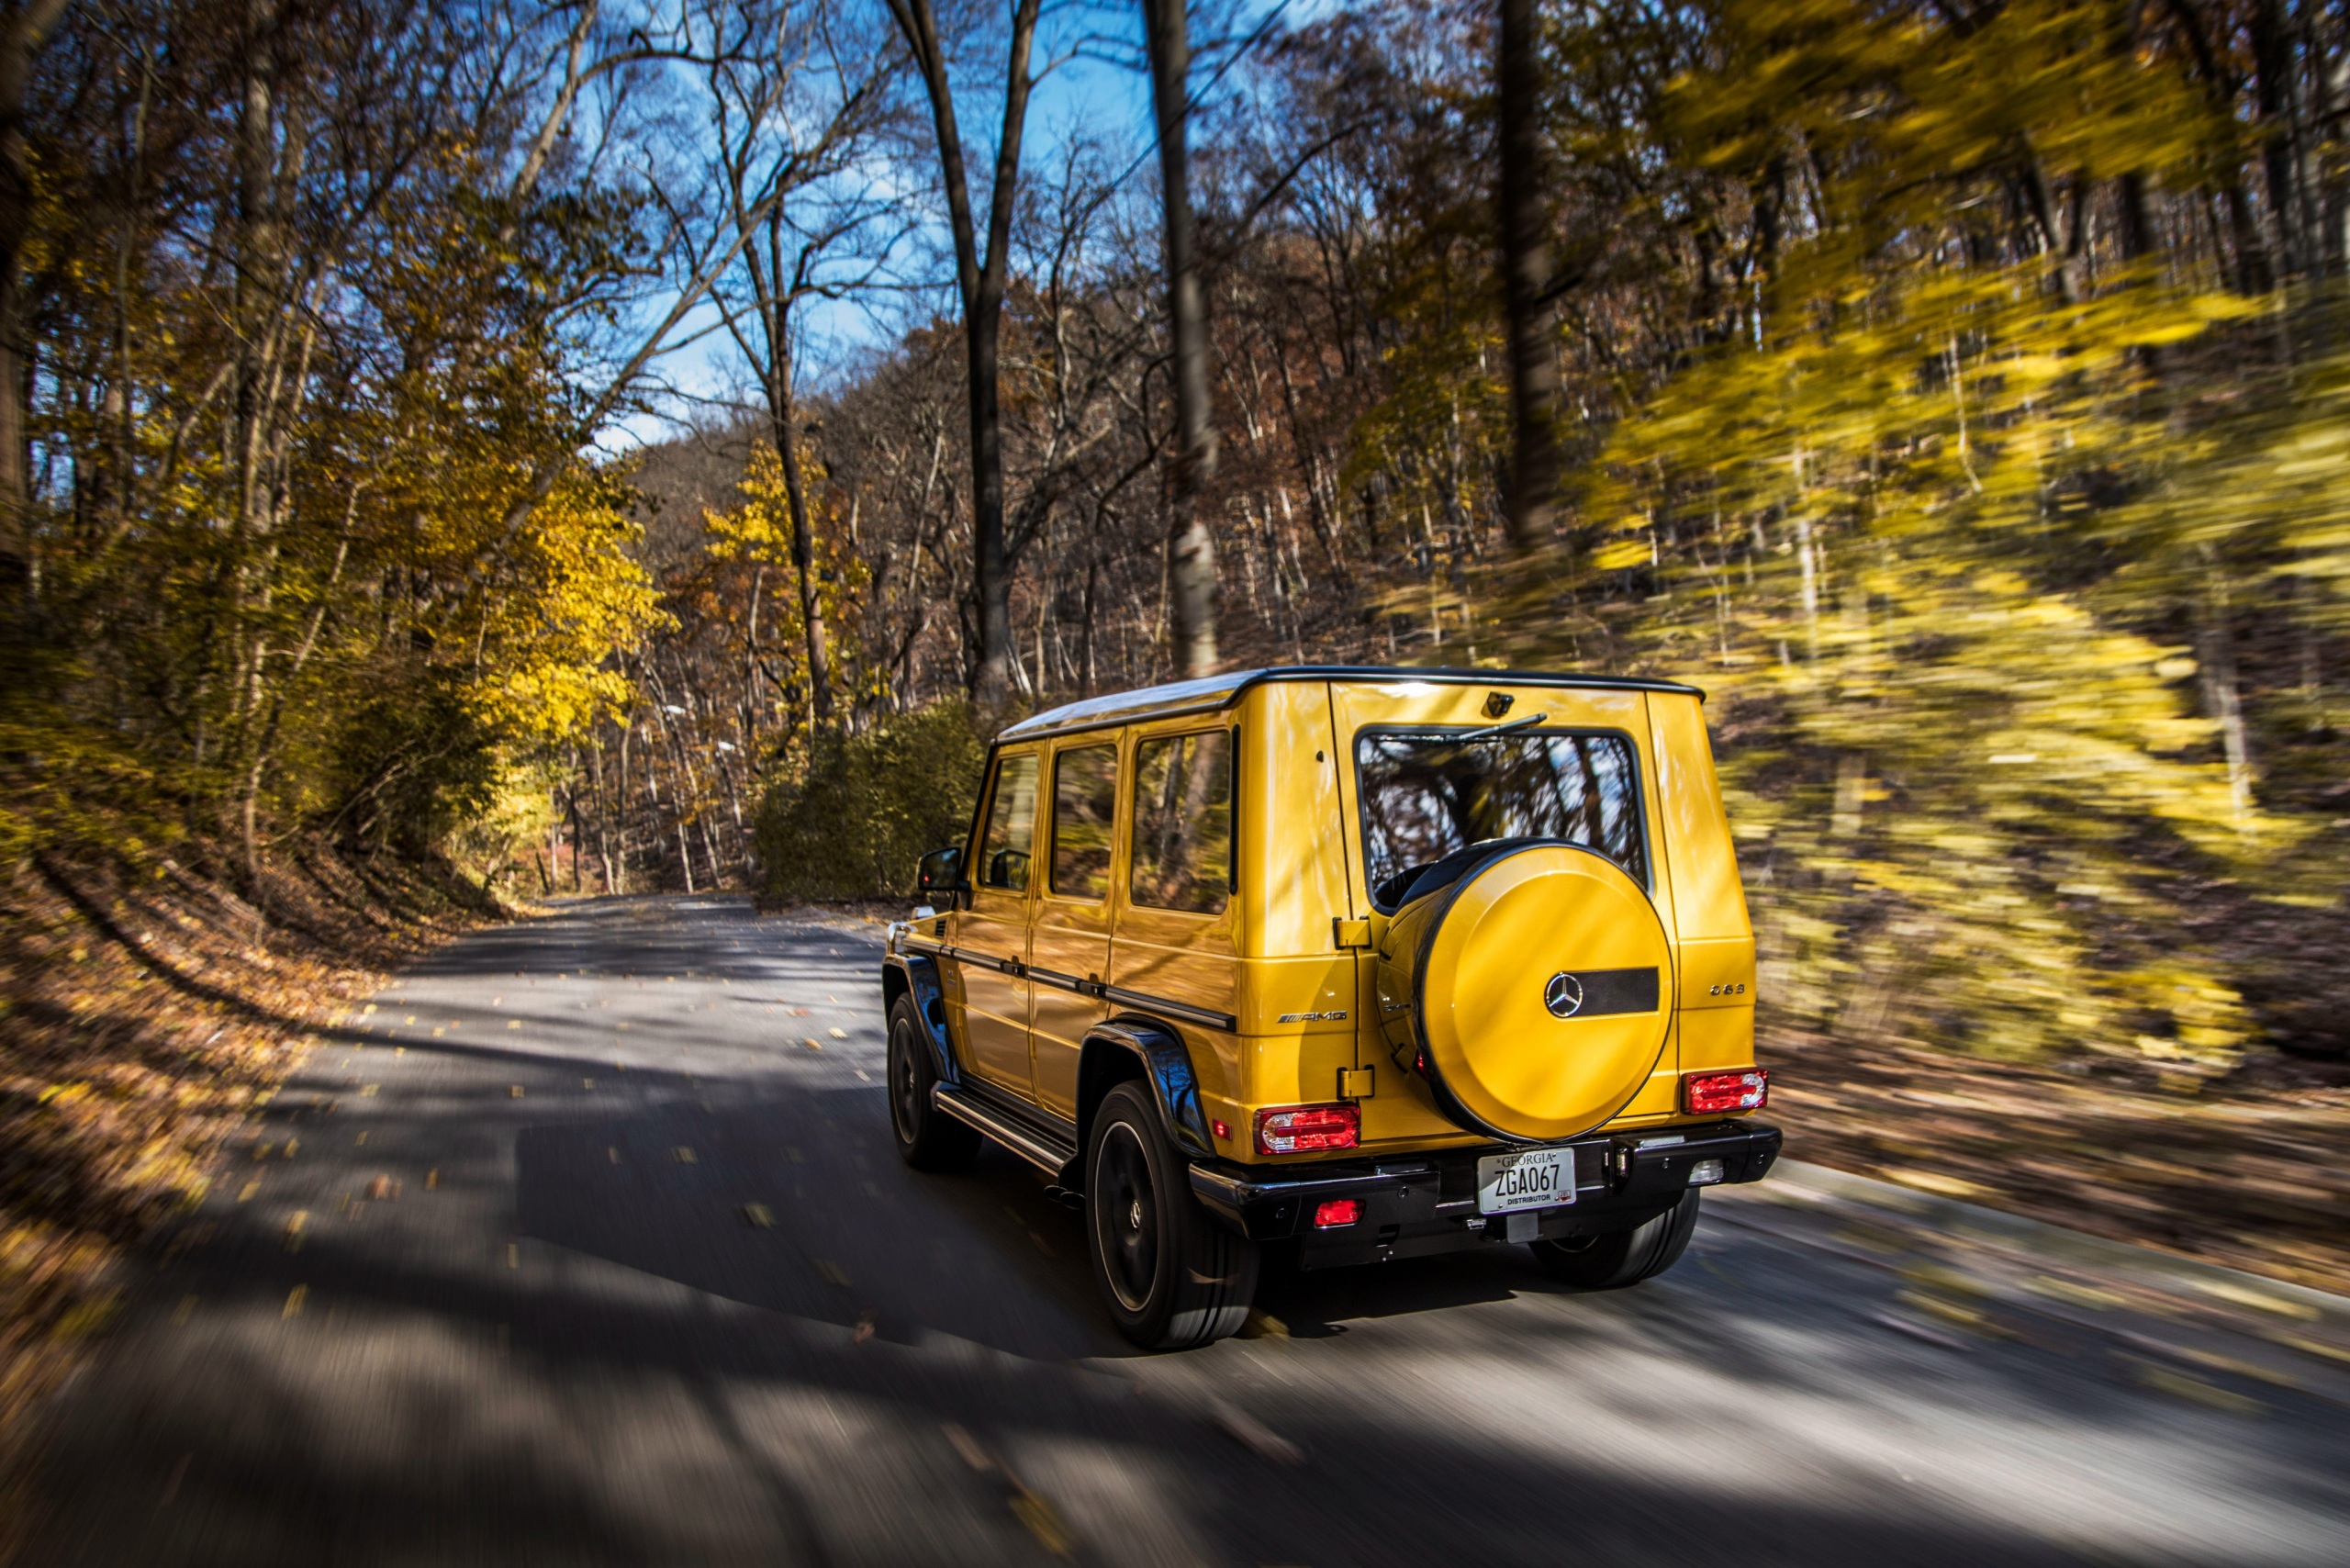 Картинки Mercedes-Benz G-класс AMG G63 2017 Colour Edition желтых скорость авто Сзади 2560x1708 Мерседес бенц Гелентваген Желтый желтые желтая едет едущий едущая Движение машина машины вид сзади автомобиль Автомобили